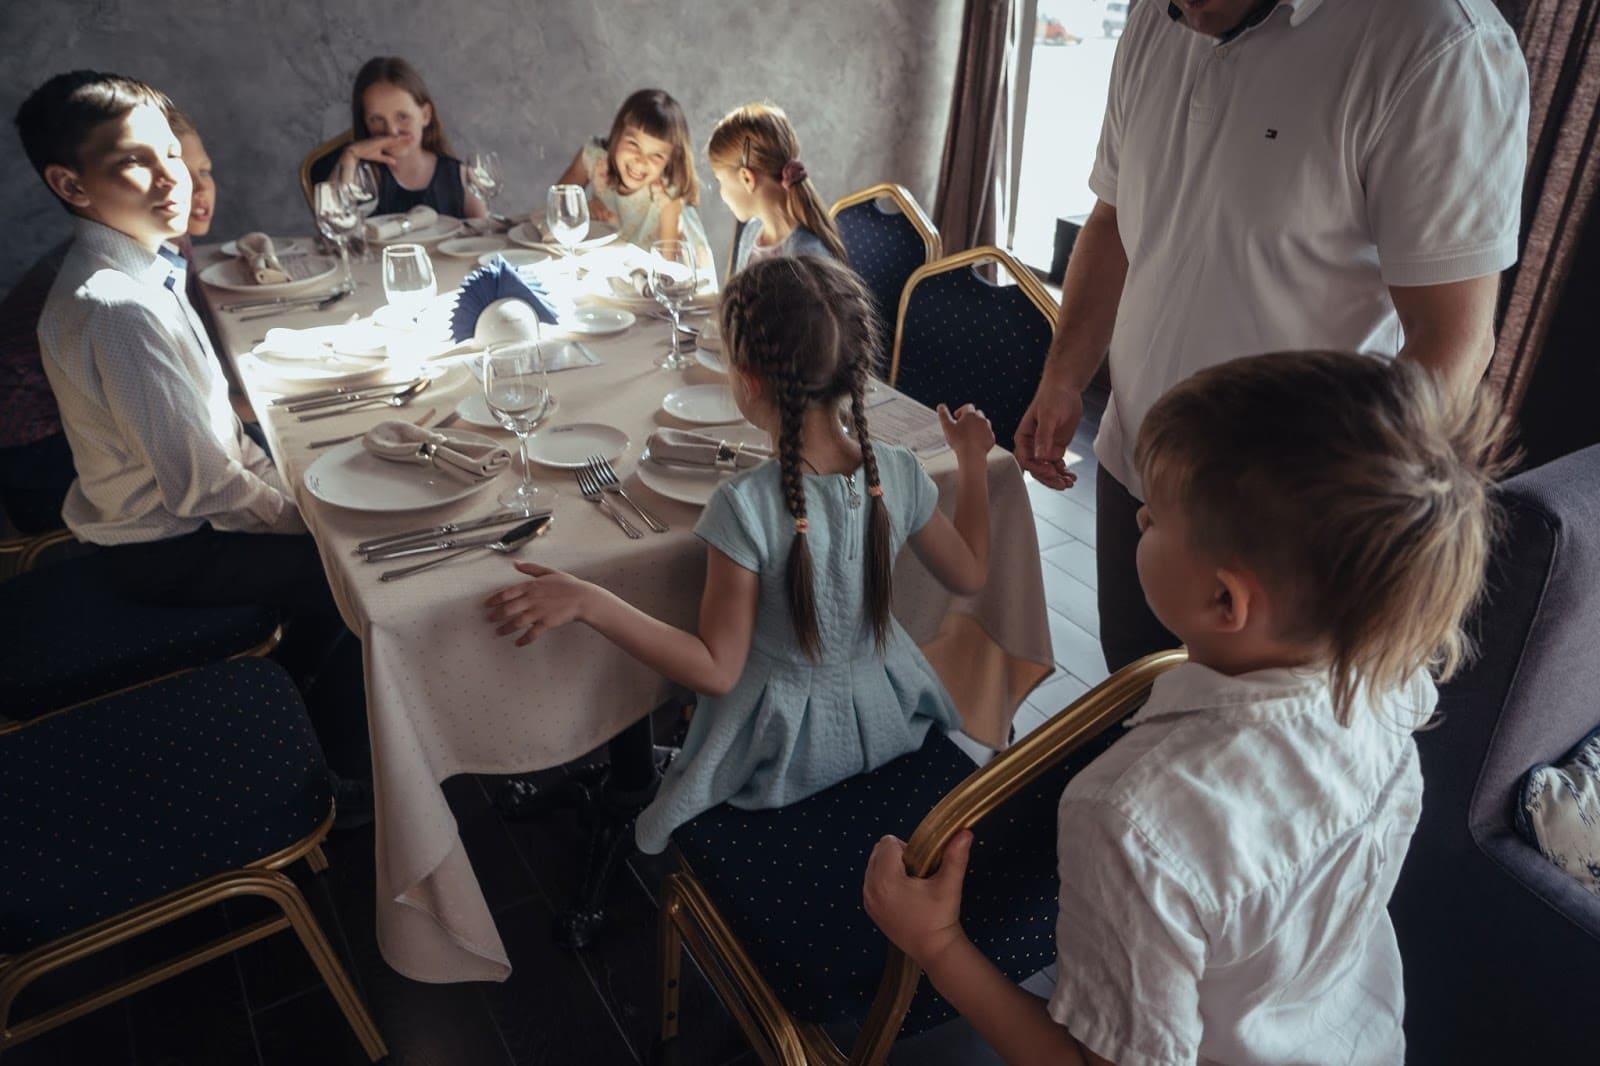 Сценарий на 8 марта для девочек за столом